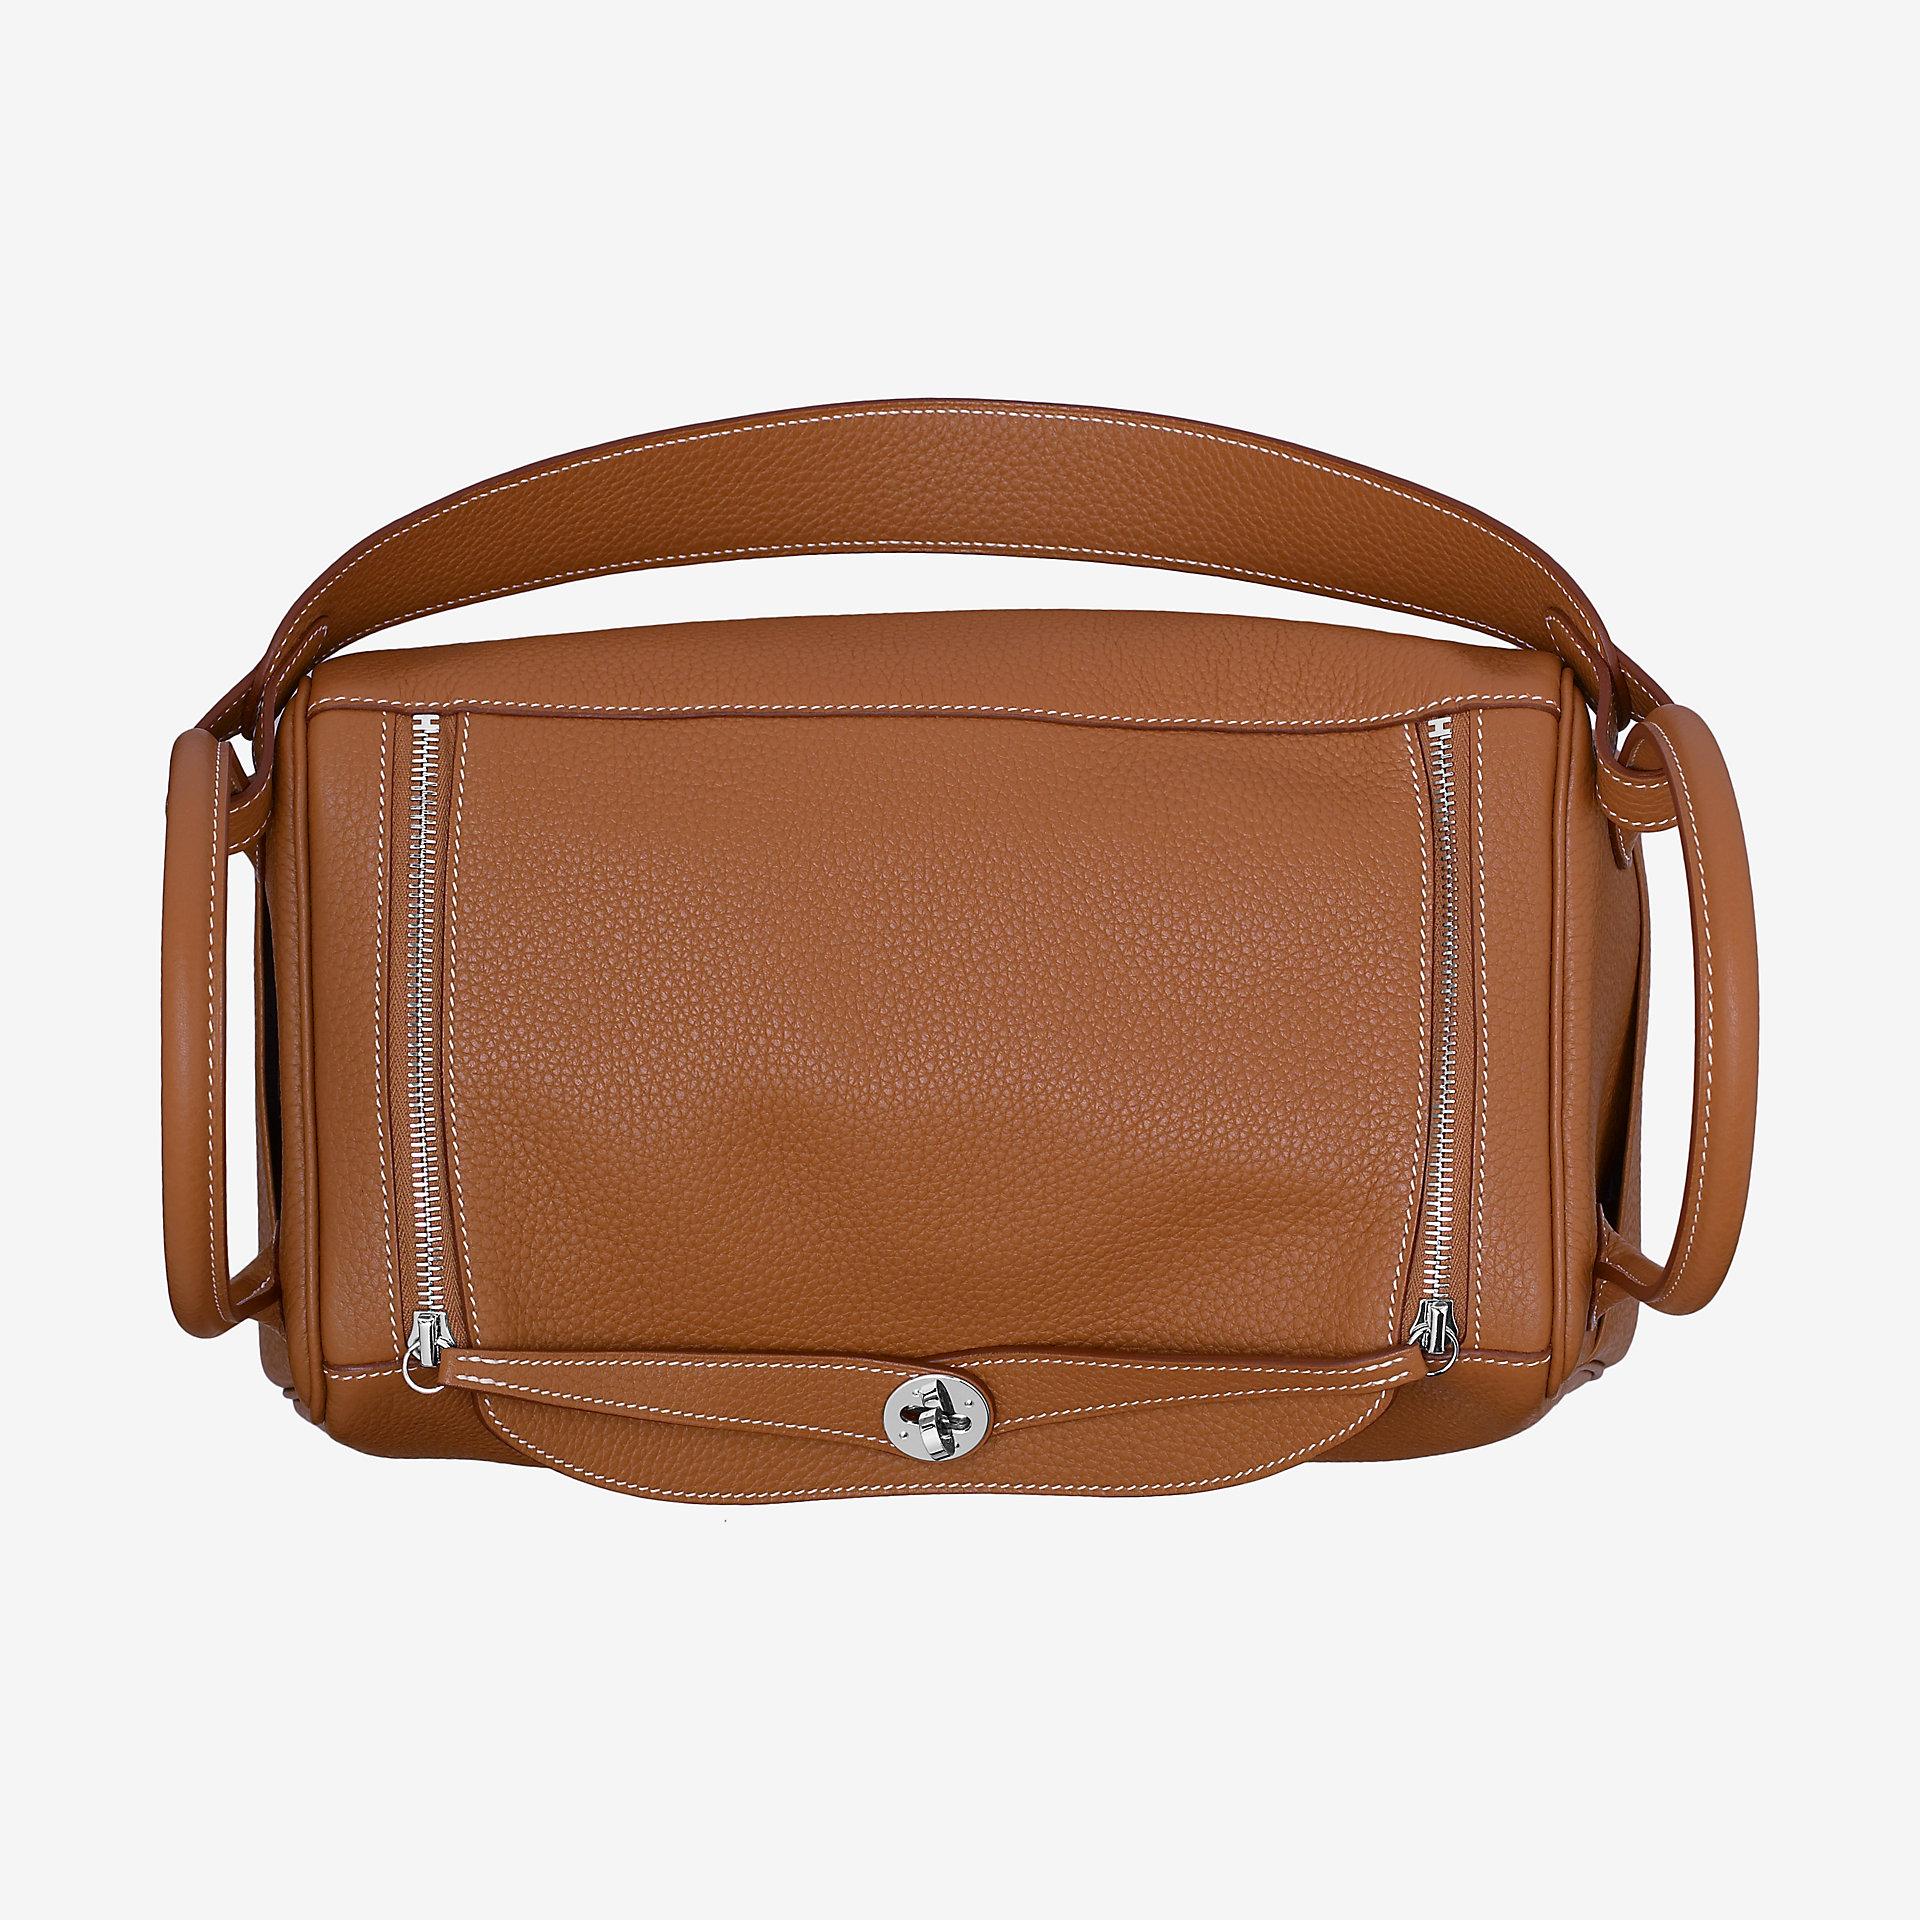 爱马仕琳迪包 Hermes Lindy 30cm bag CK37金棕色 taurillon Clemence